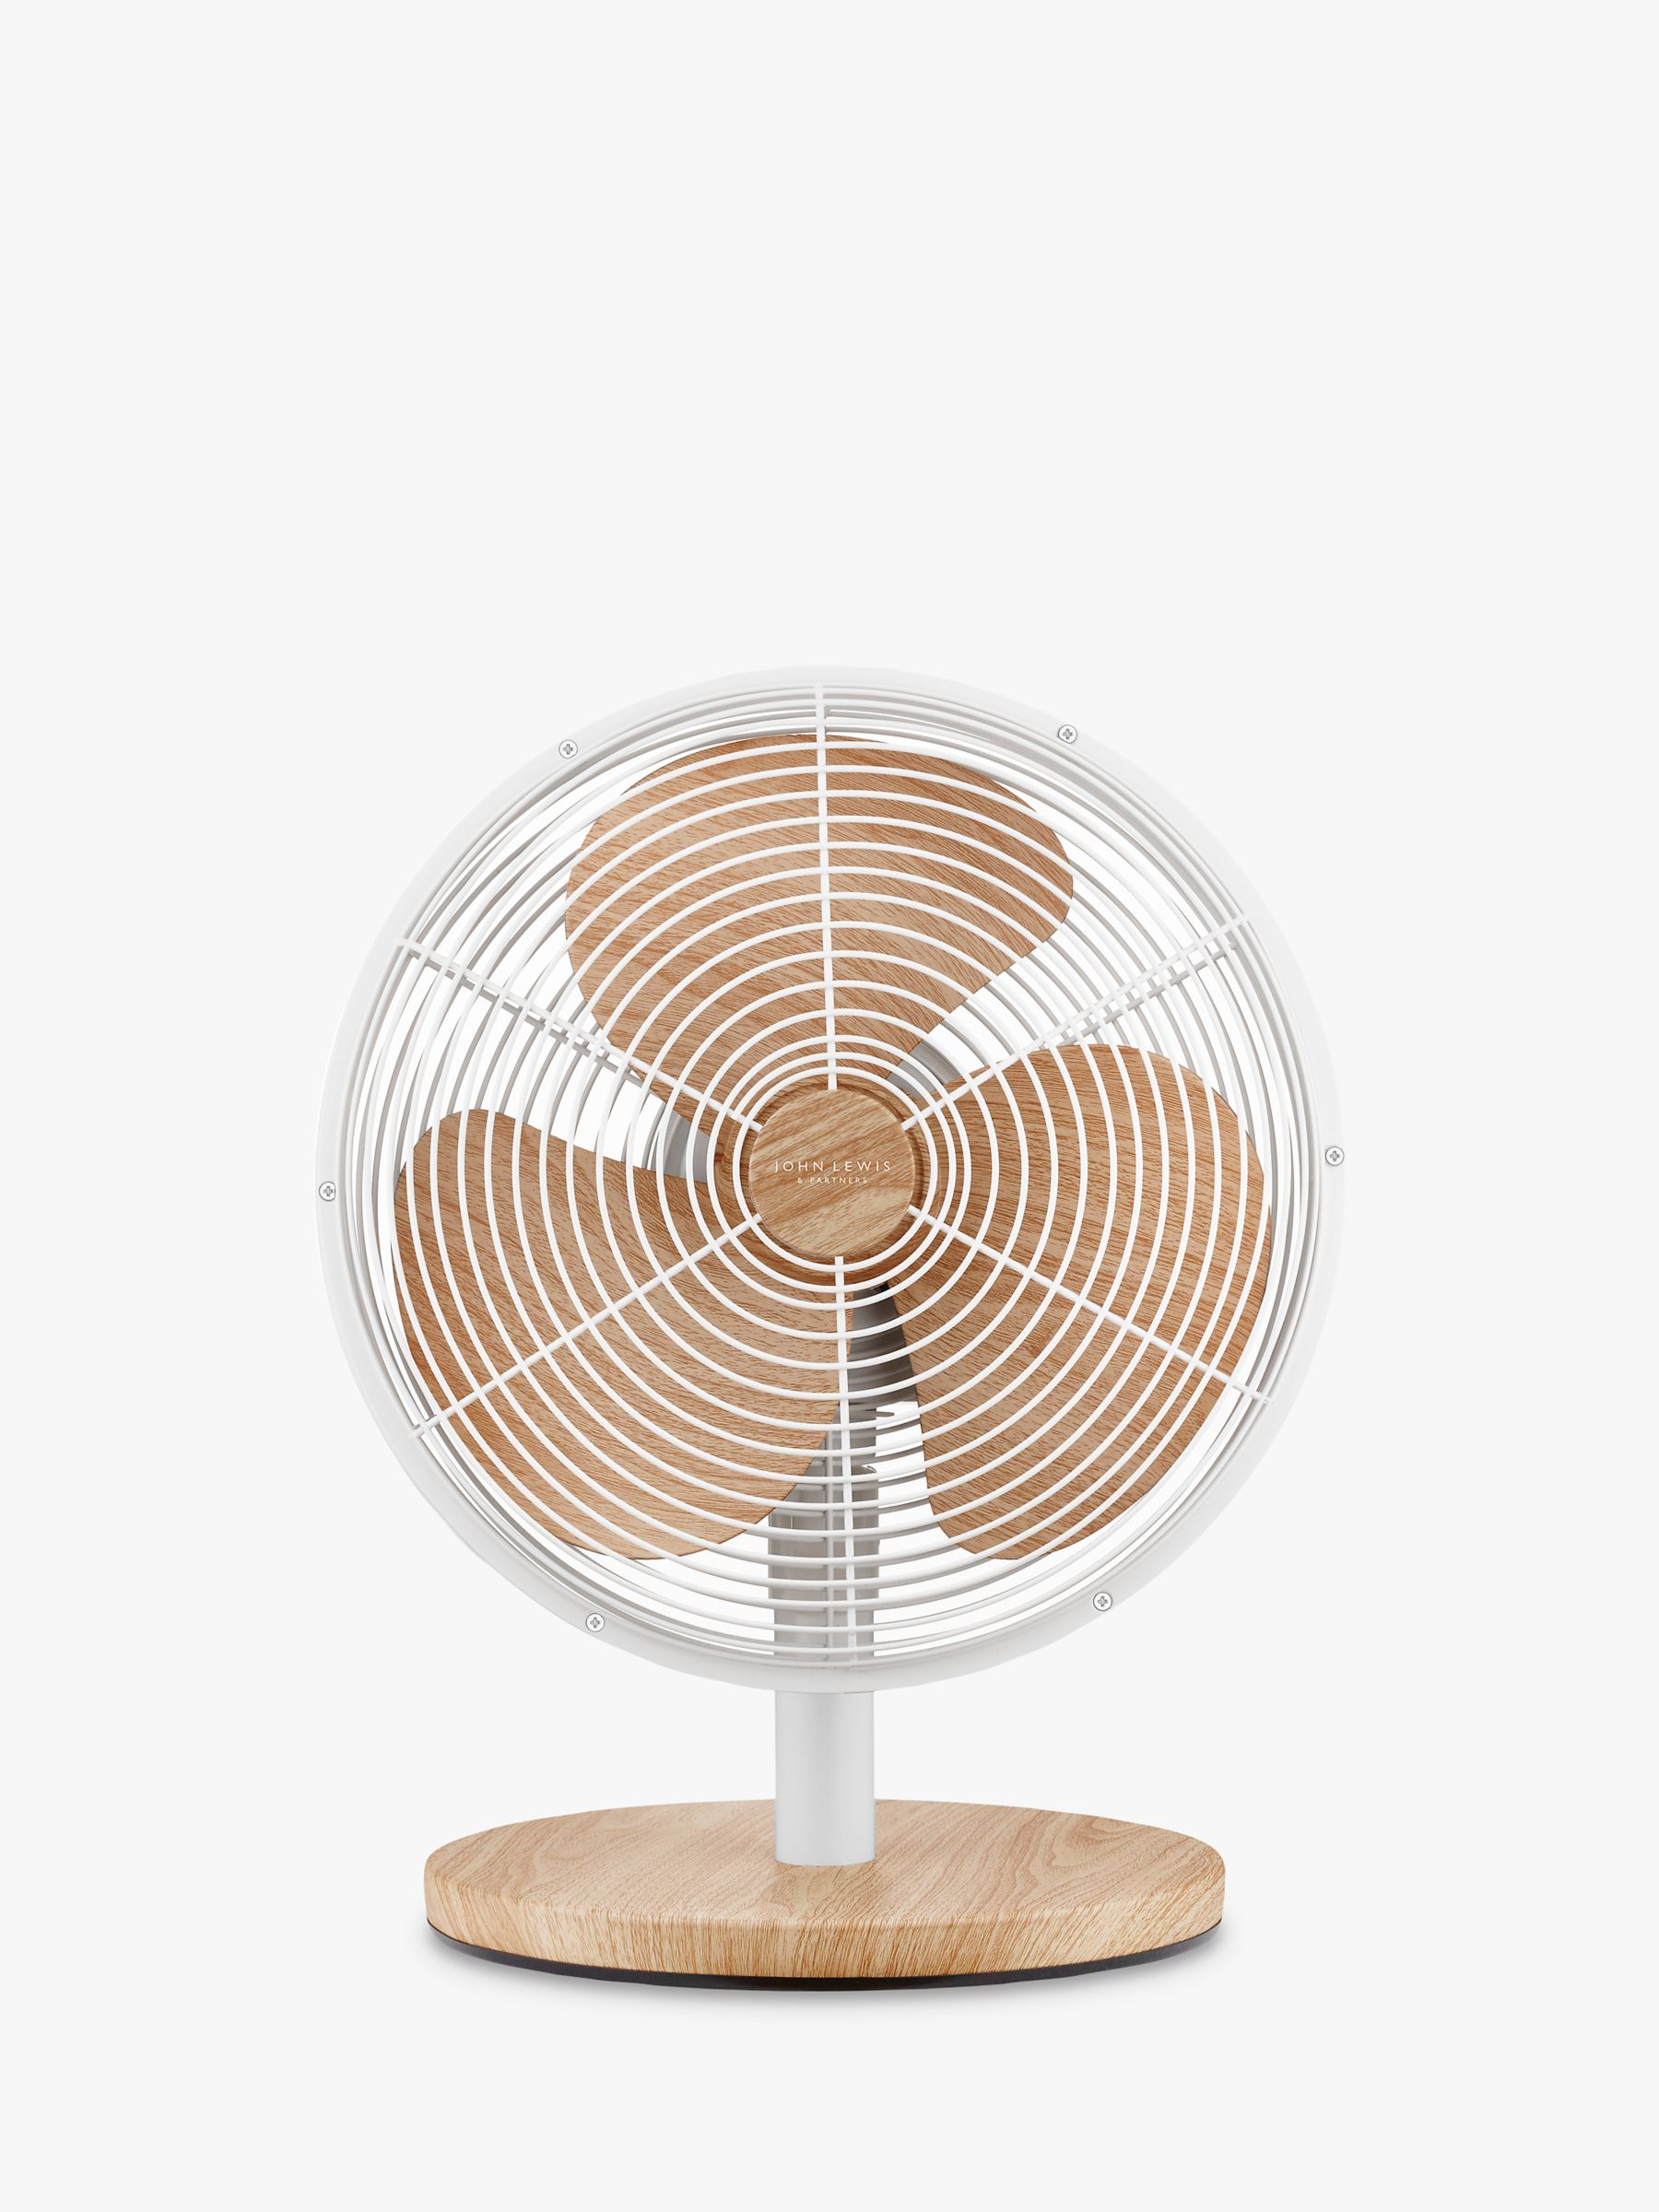 John Lewis & Partners Desk Fan, 12 inch, Oak Effect/White